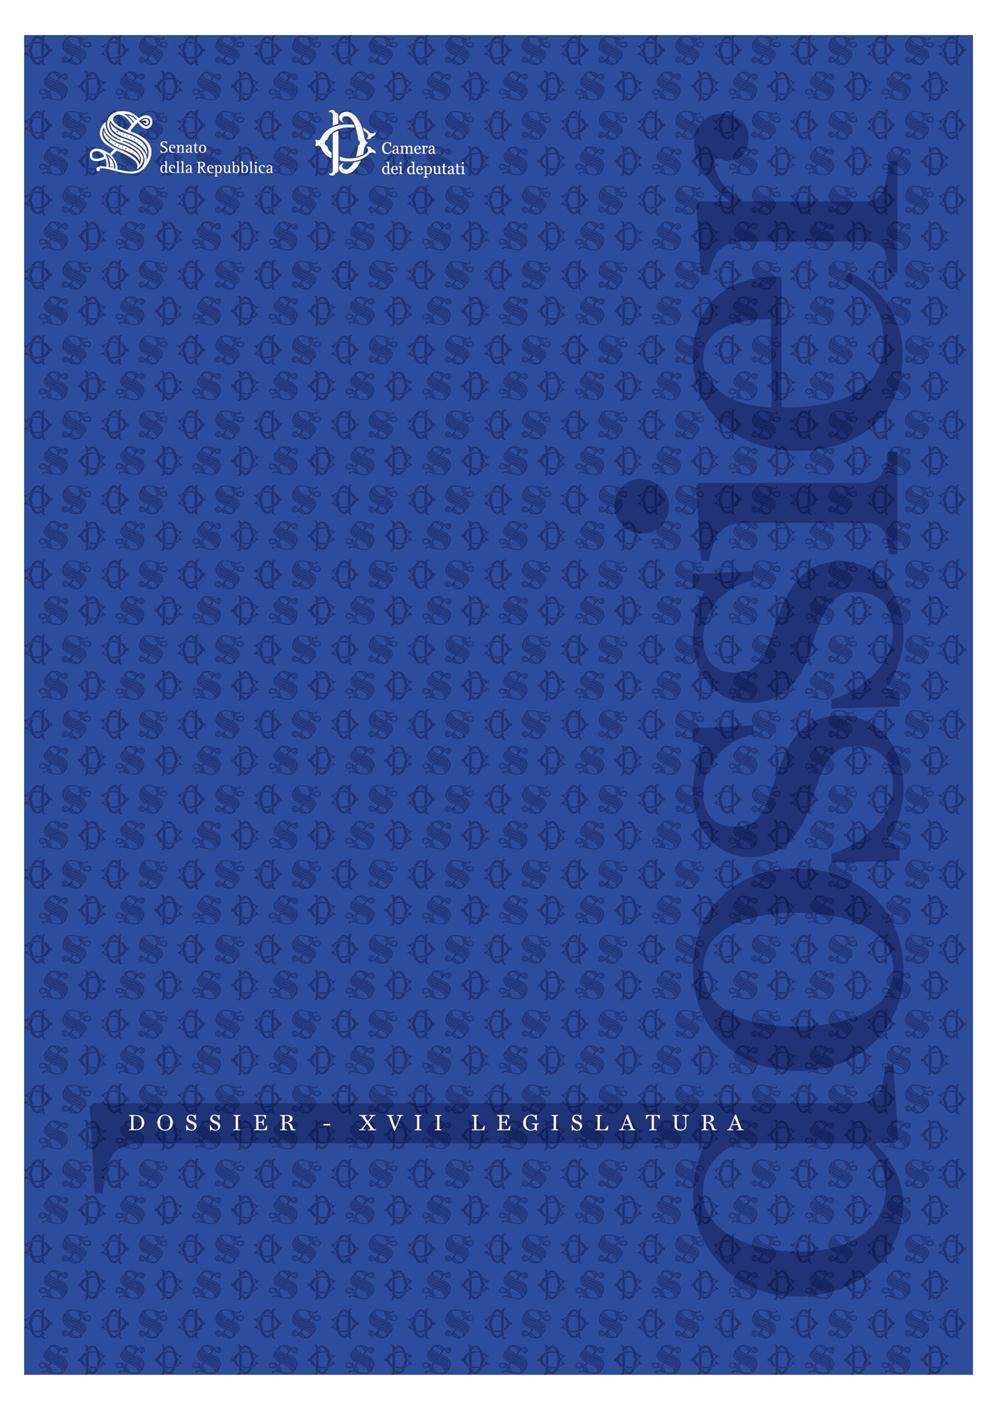 Camera dei deputati dossier gi0440 for Rassegna stampa camera deputati